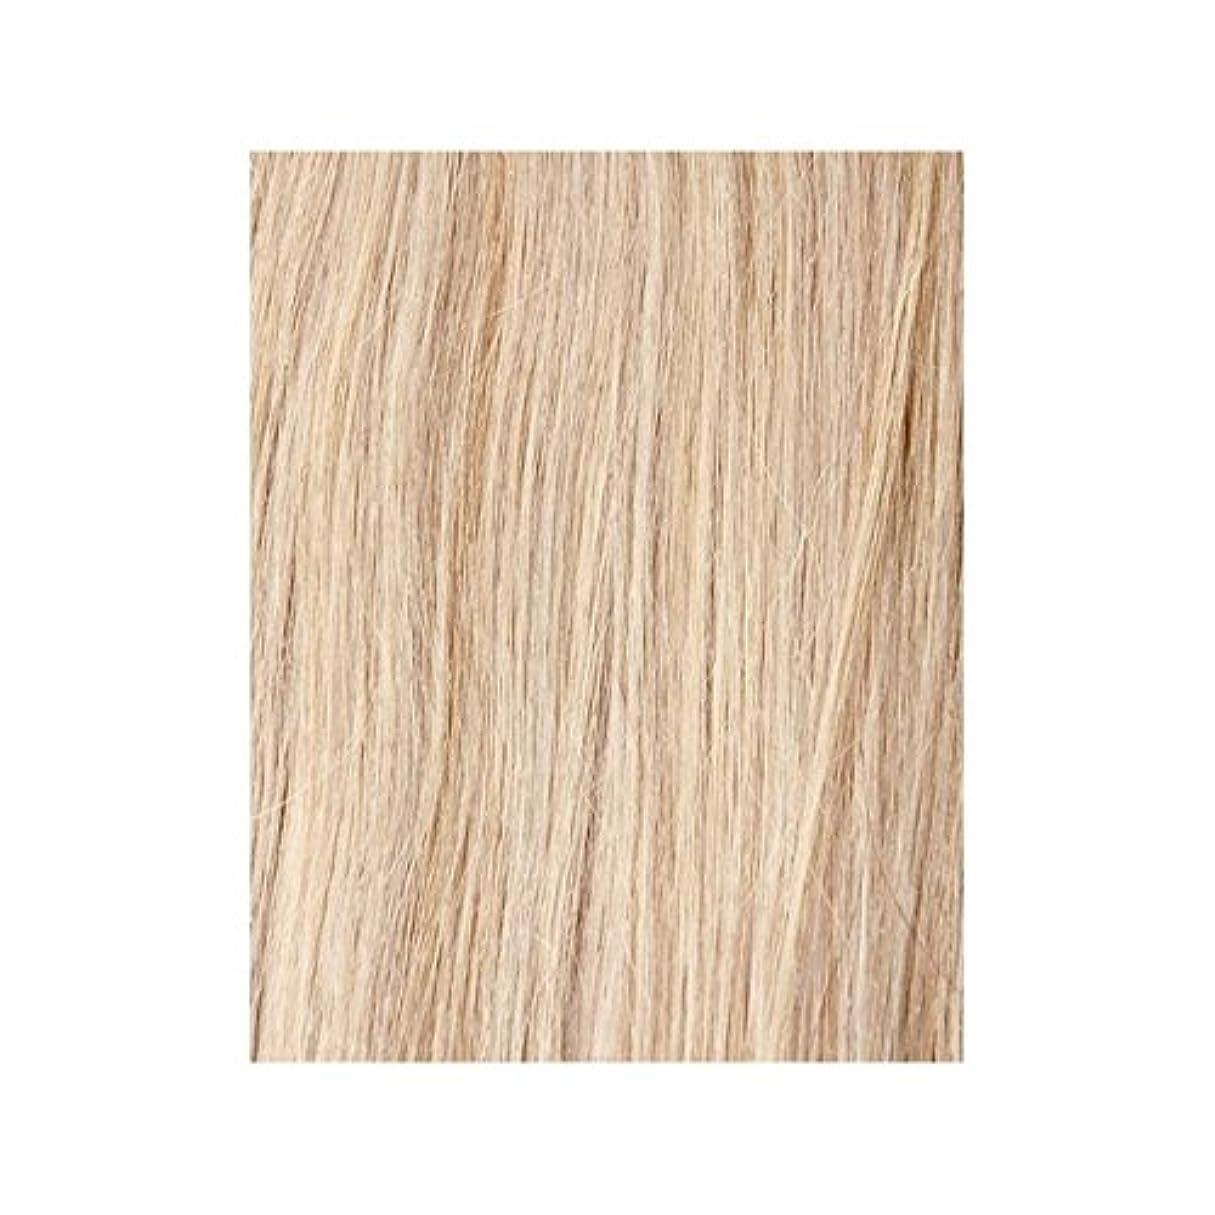 大統領定規頼むBeauty Works 100% Remy Colour Swatch Hair Extension - Vintage Blonde 60 - ヴィンテージブロンド60 - 美しさは、100%レミーの色見本ヘアエクステンションの作品 [並行輸入品]